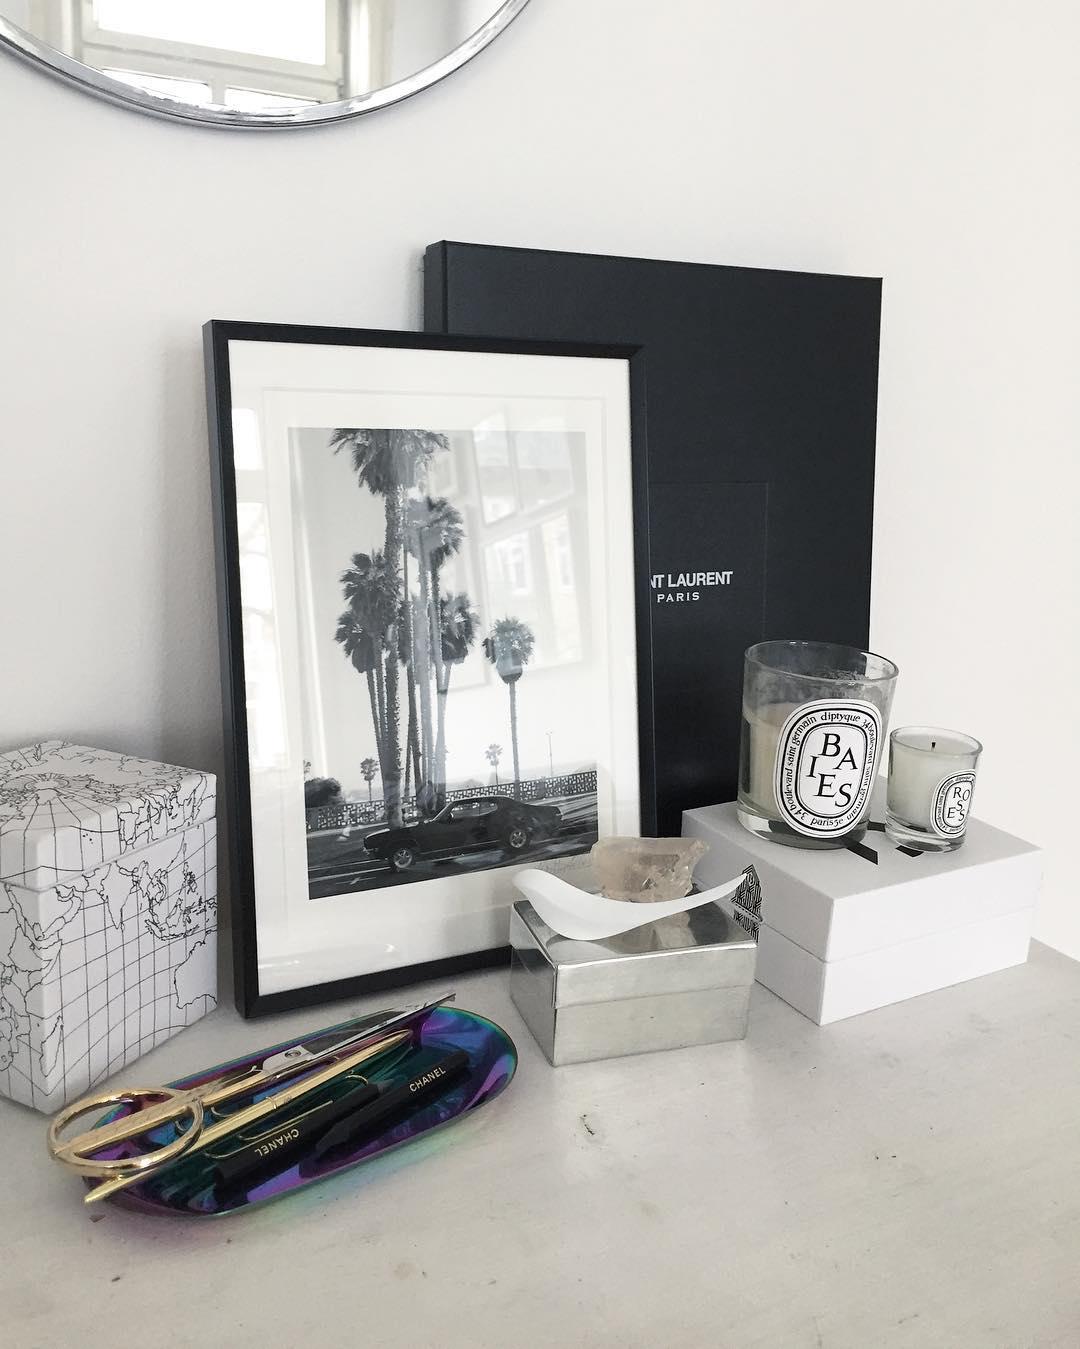 On my desk home diptyque saintlaurent haydesign